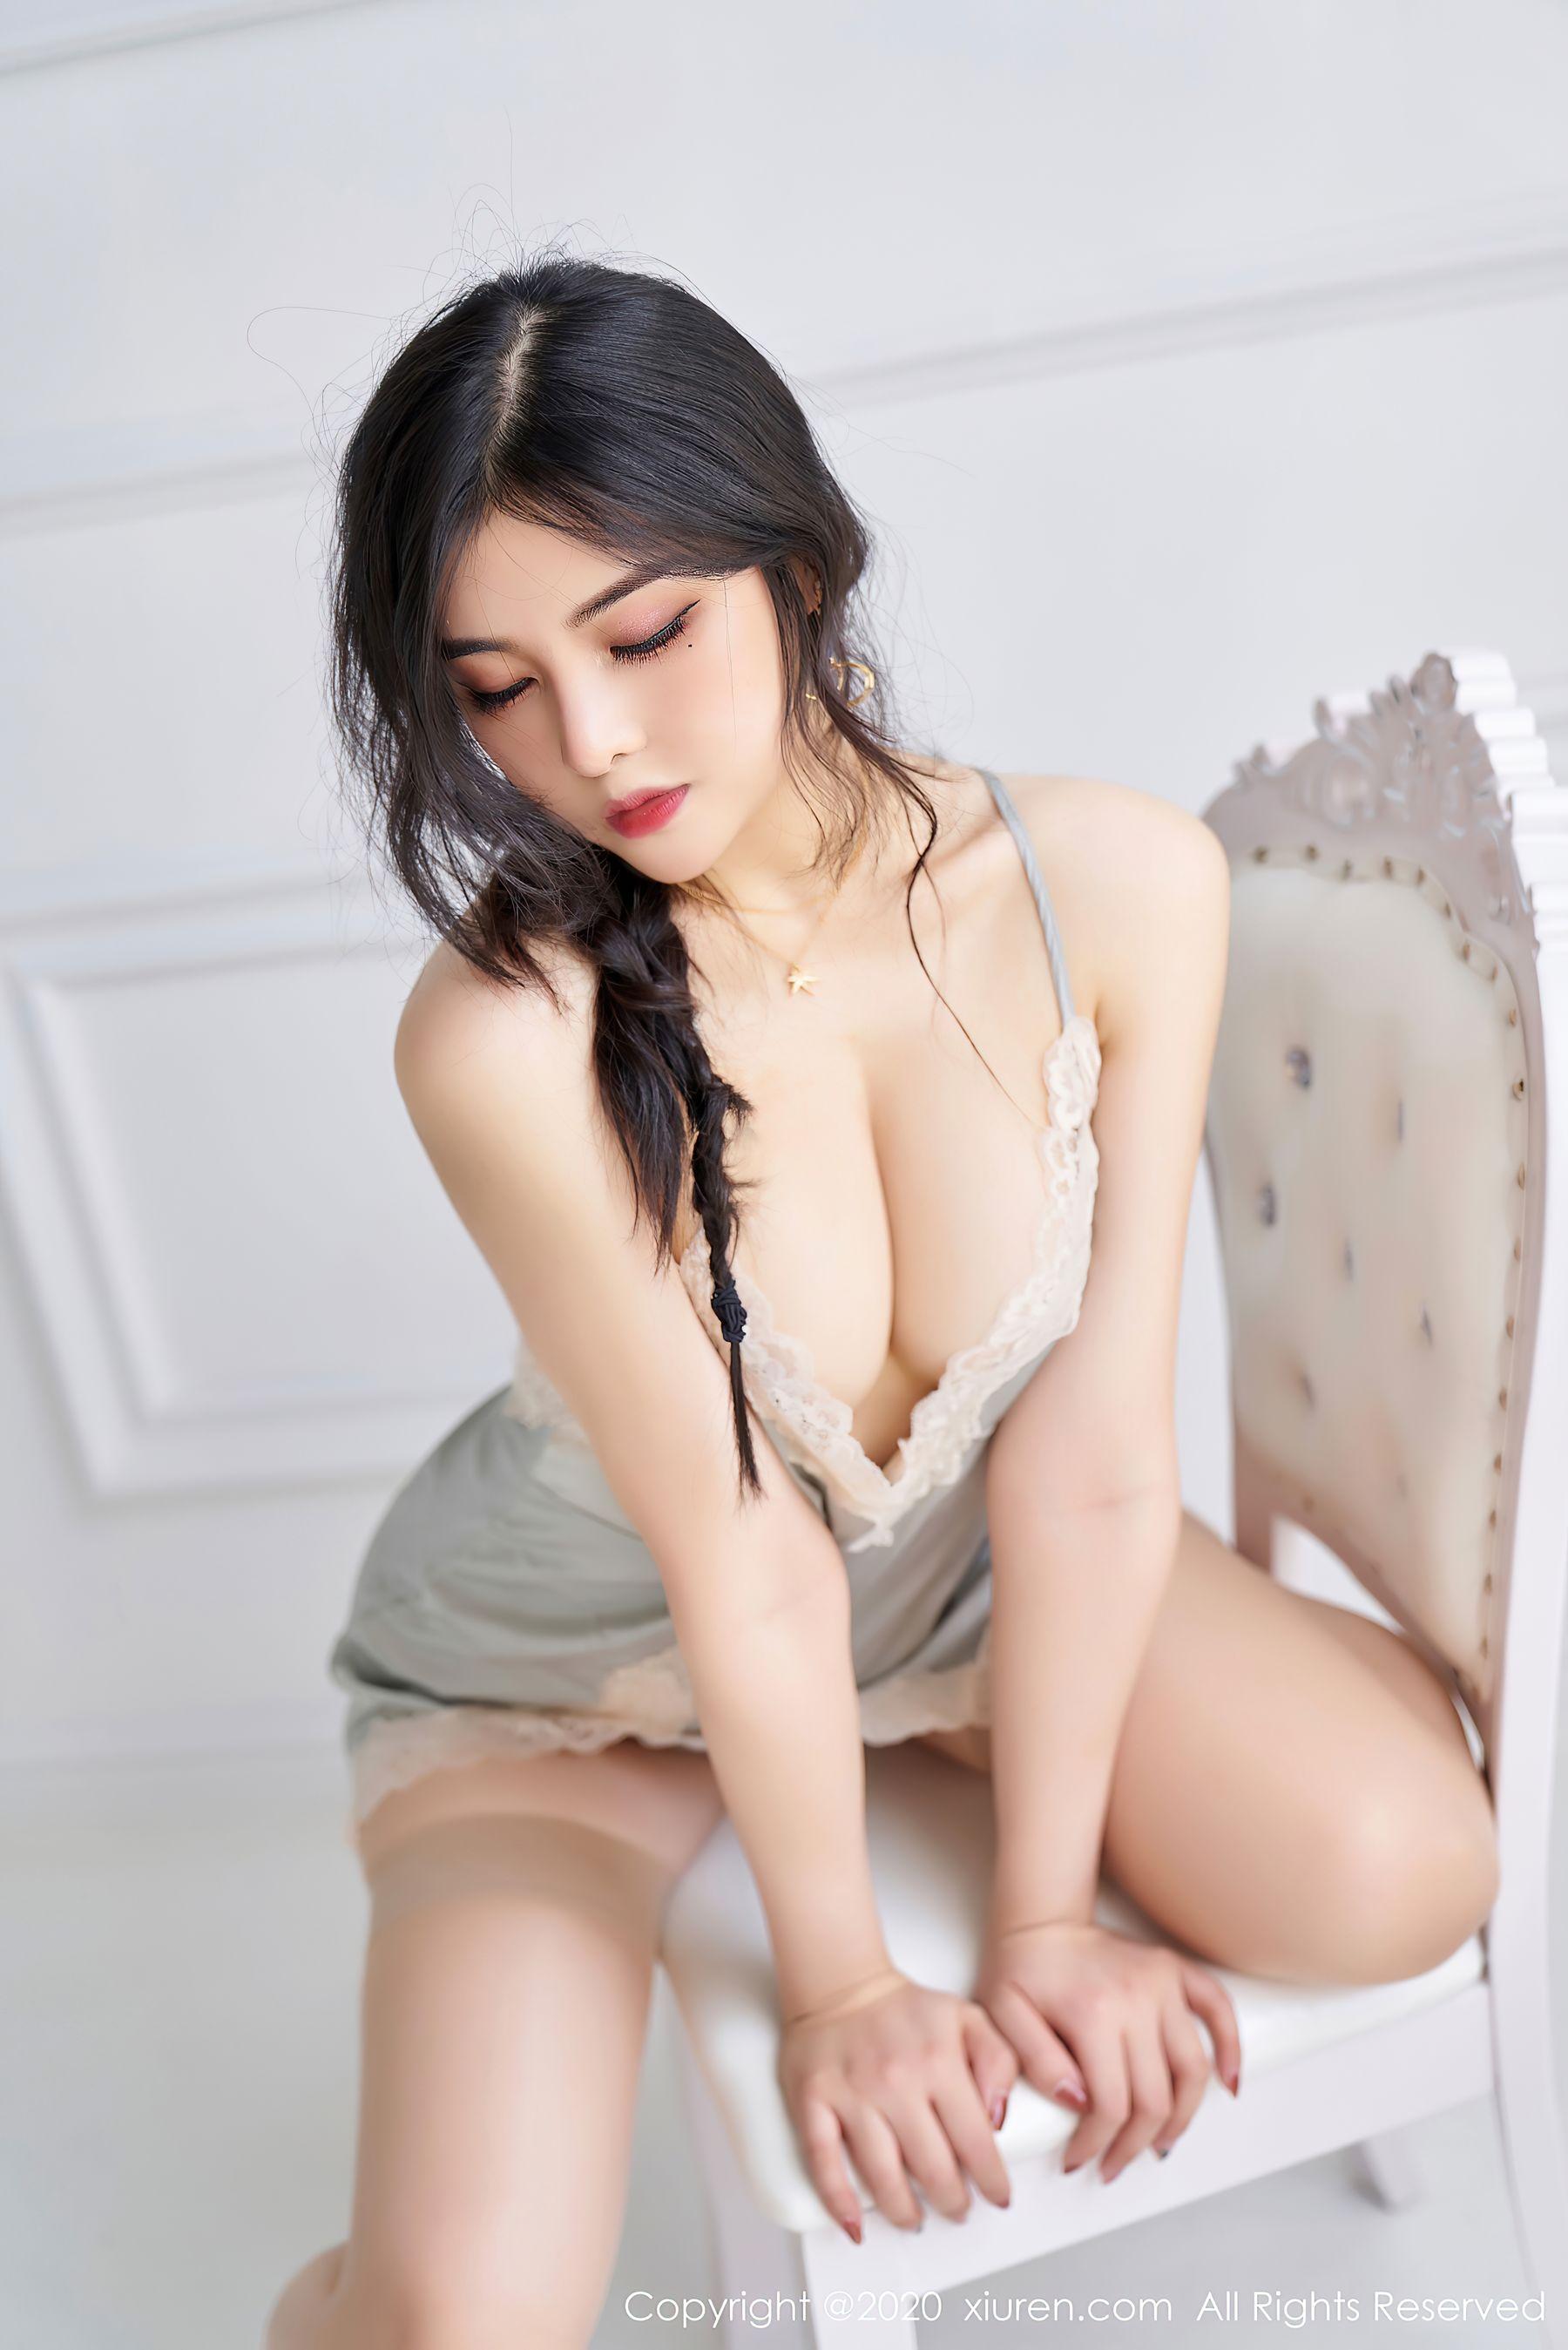 [秀人网]姜贞语(韩静安)No.2737超高清写真大图片(50P) 786热度